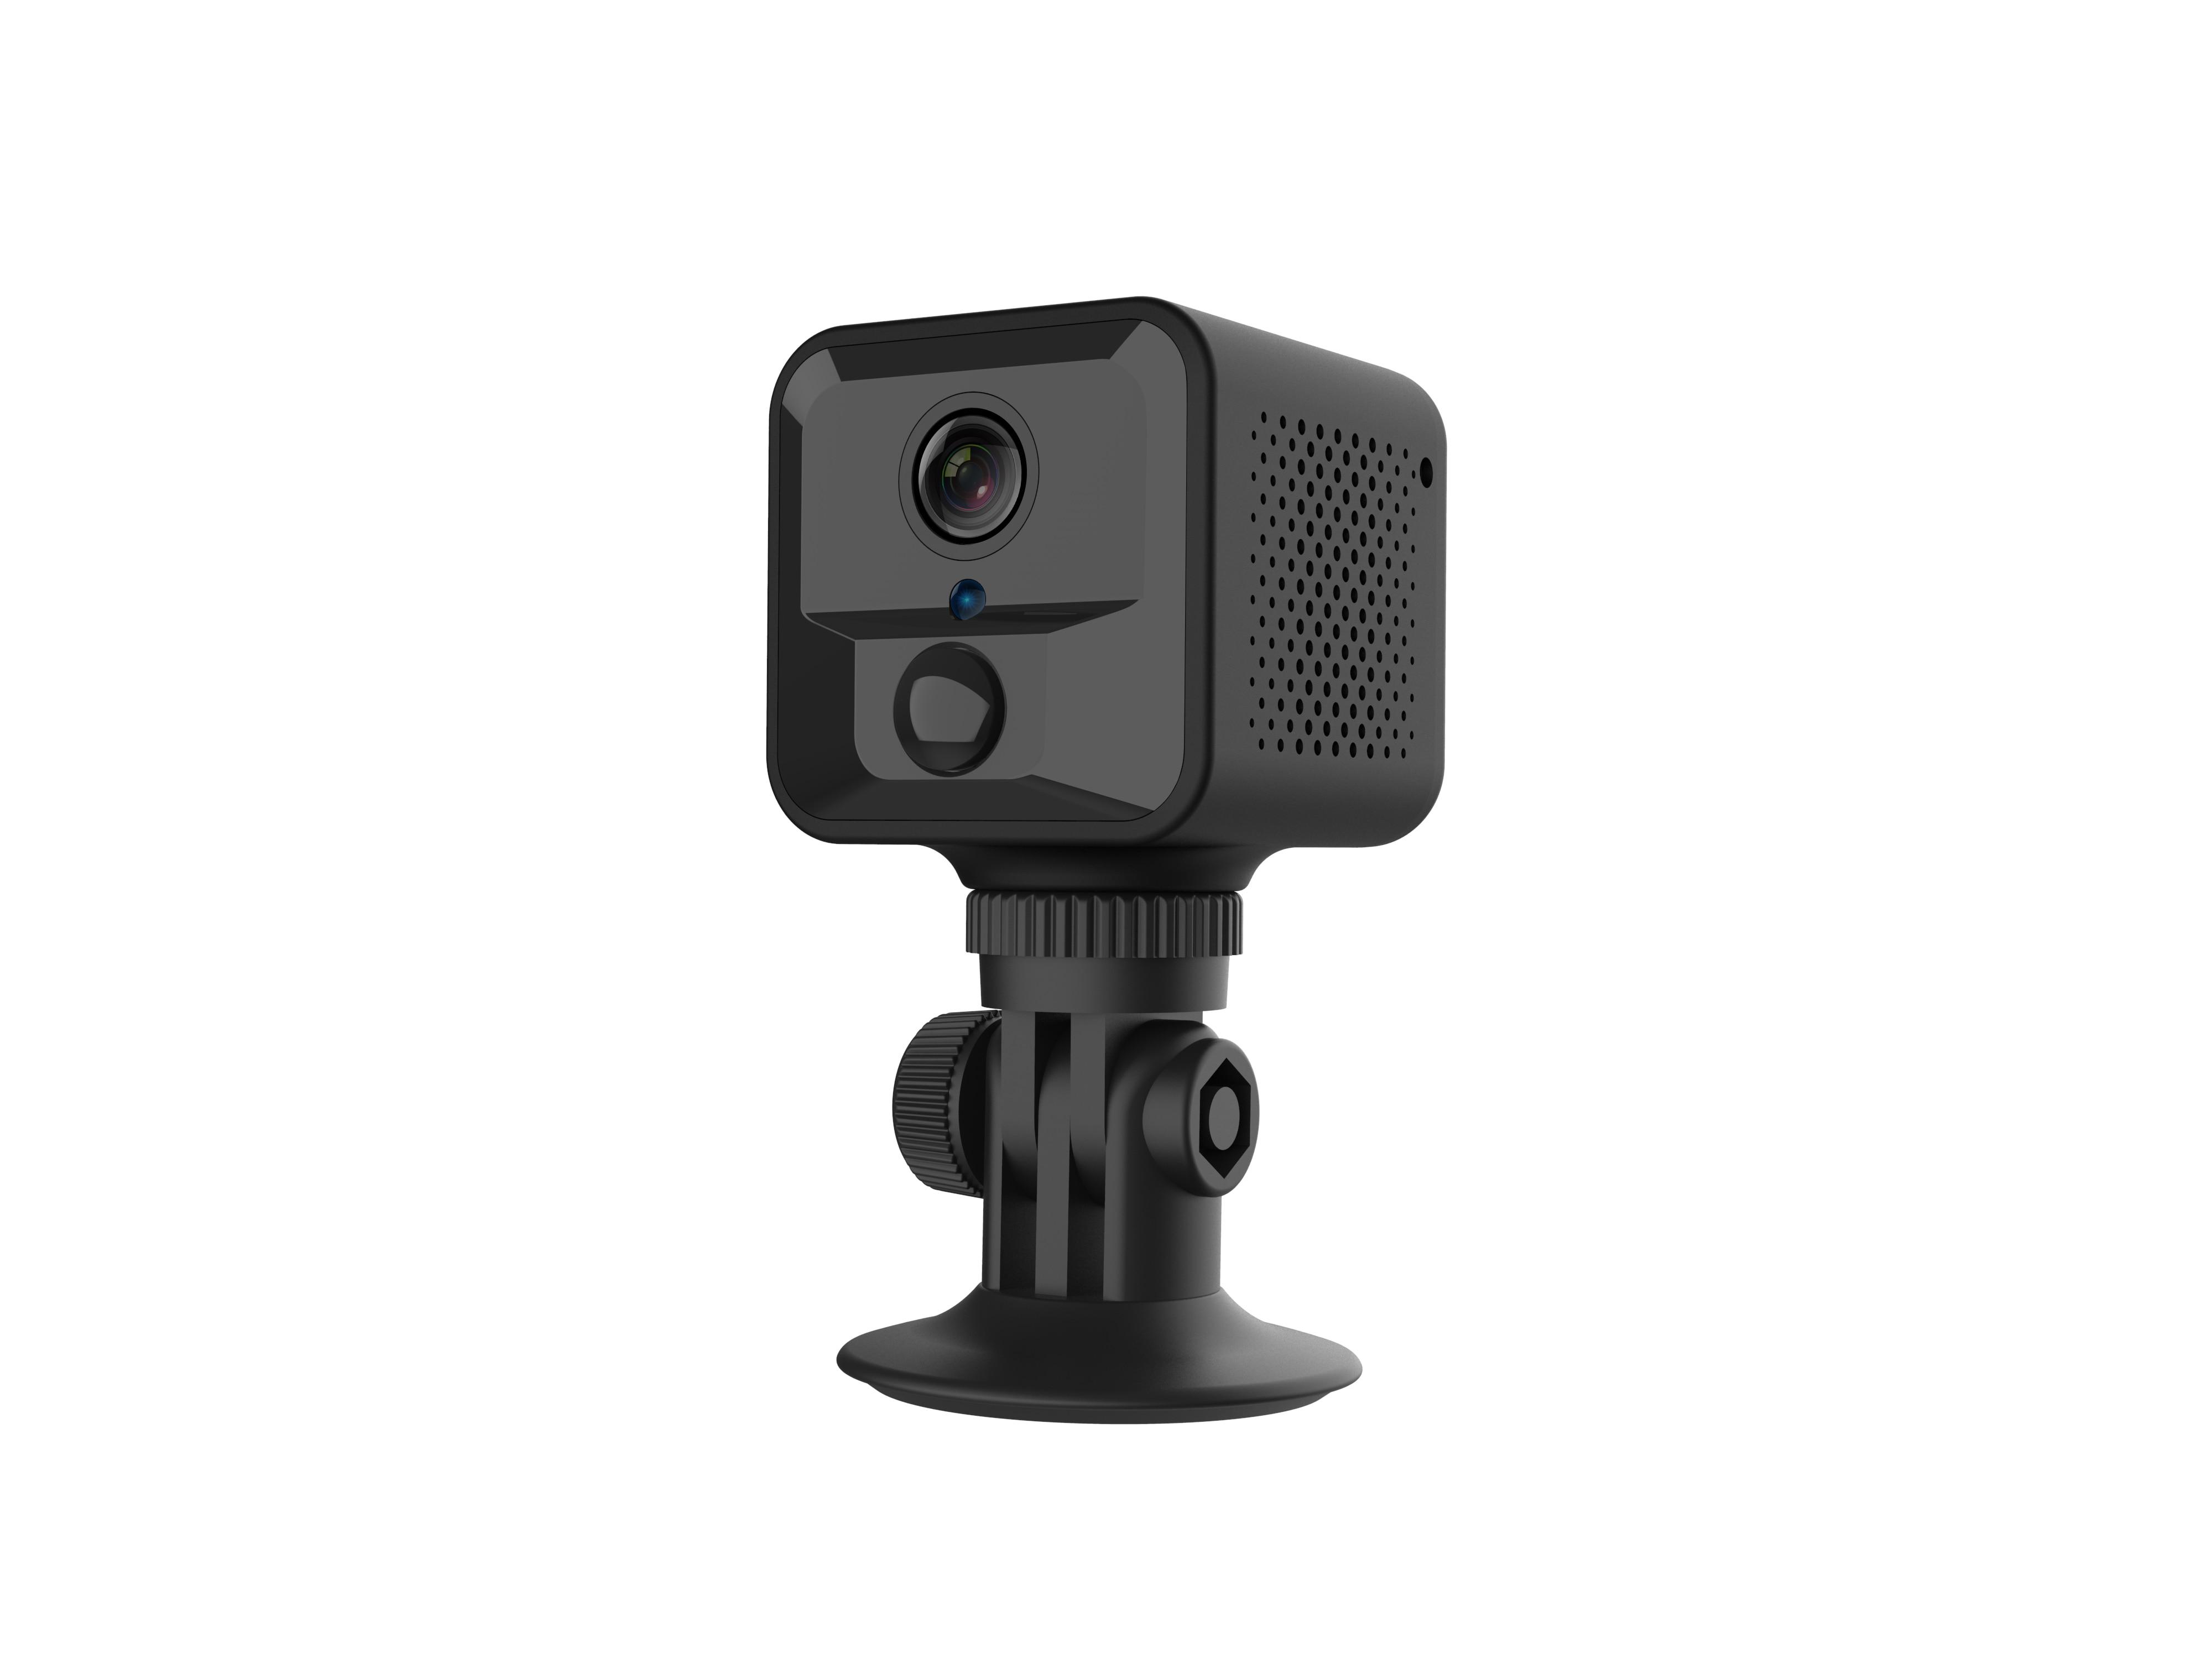 2MP 1080P длиннофокусная маленькая камера - 2